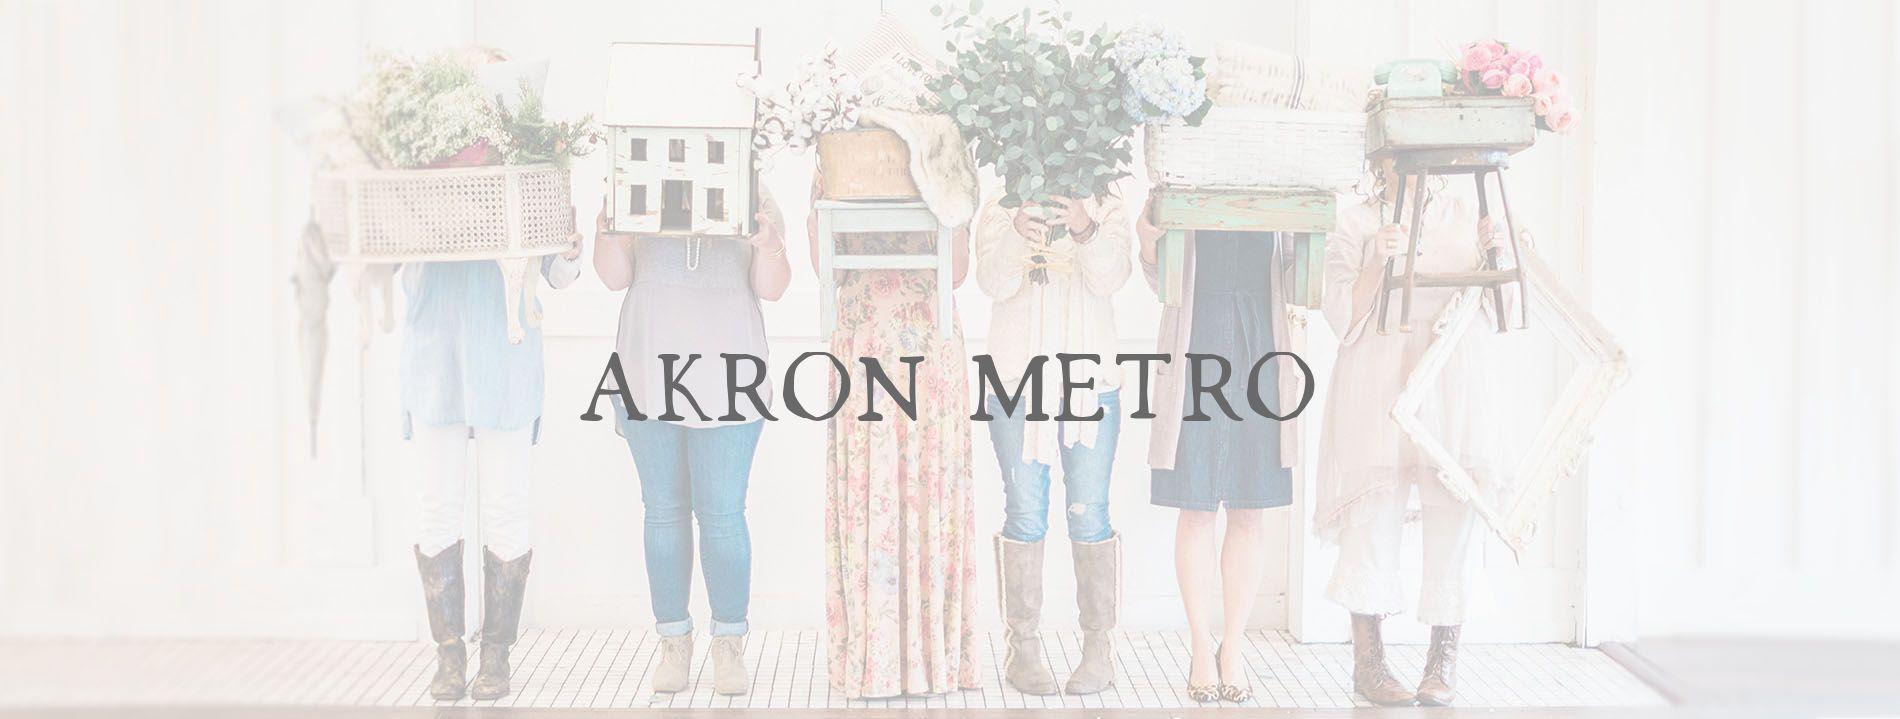 Akron Metro